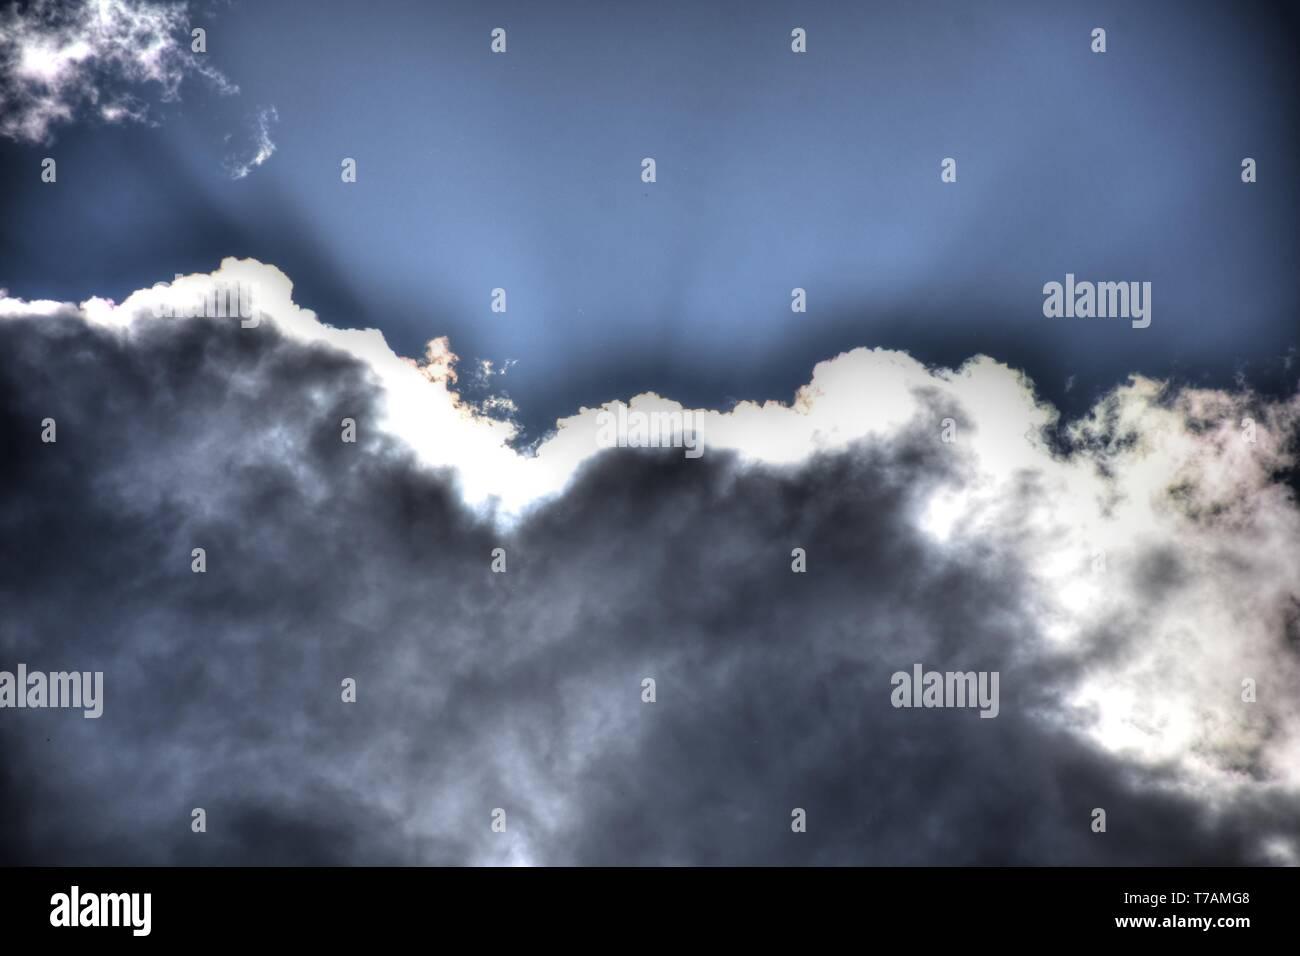 Wolke, Wolken, Wolkenstimmung, Sonne, Sonnenstrahlen, Licht, Schatten, Stimmung, Himmel, Wetter, Wetterumschwung, Natur, Umwelt, Jahreszeit, Tag, Damp - Stock Image